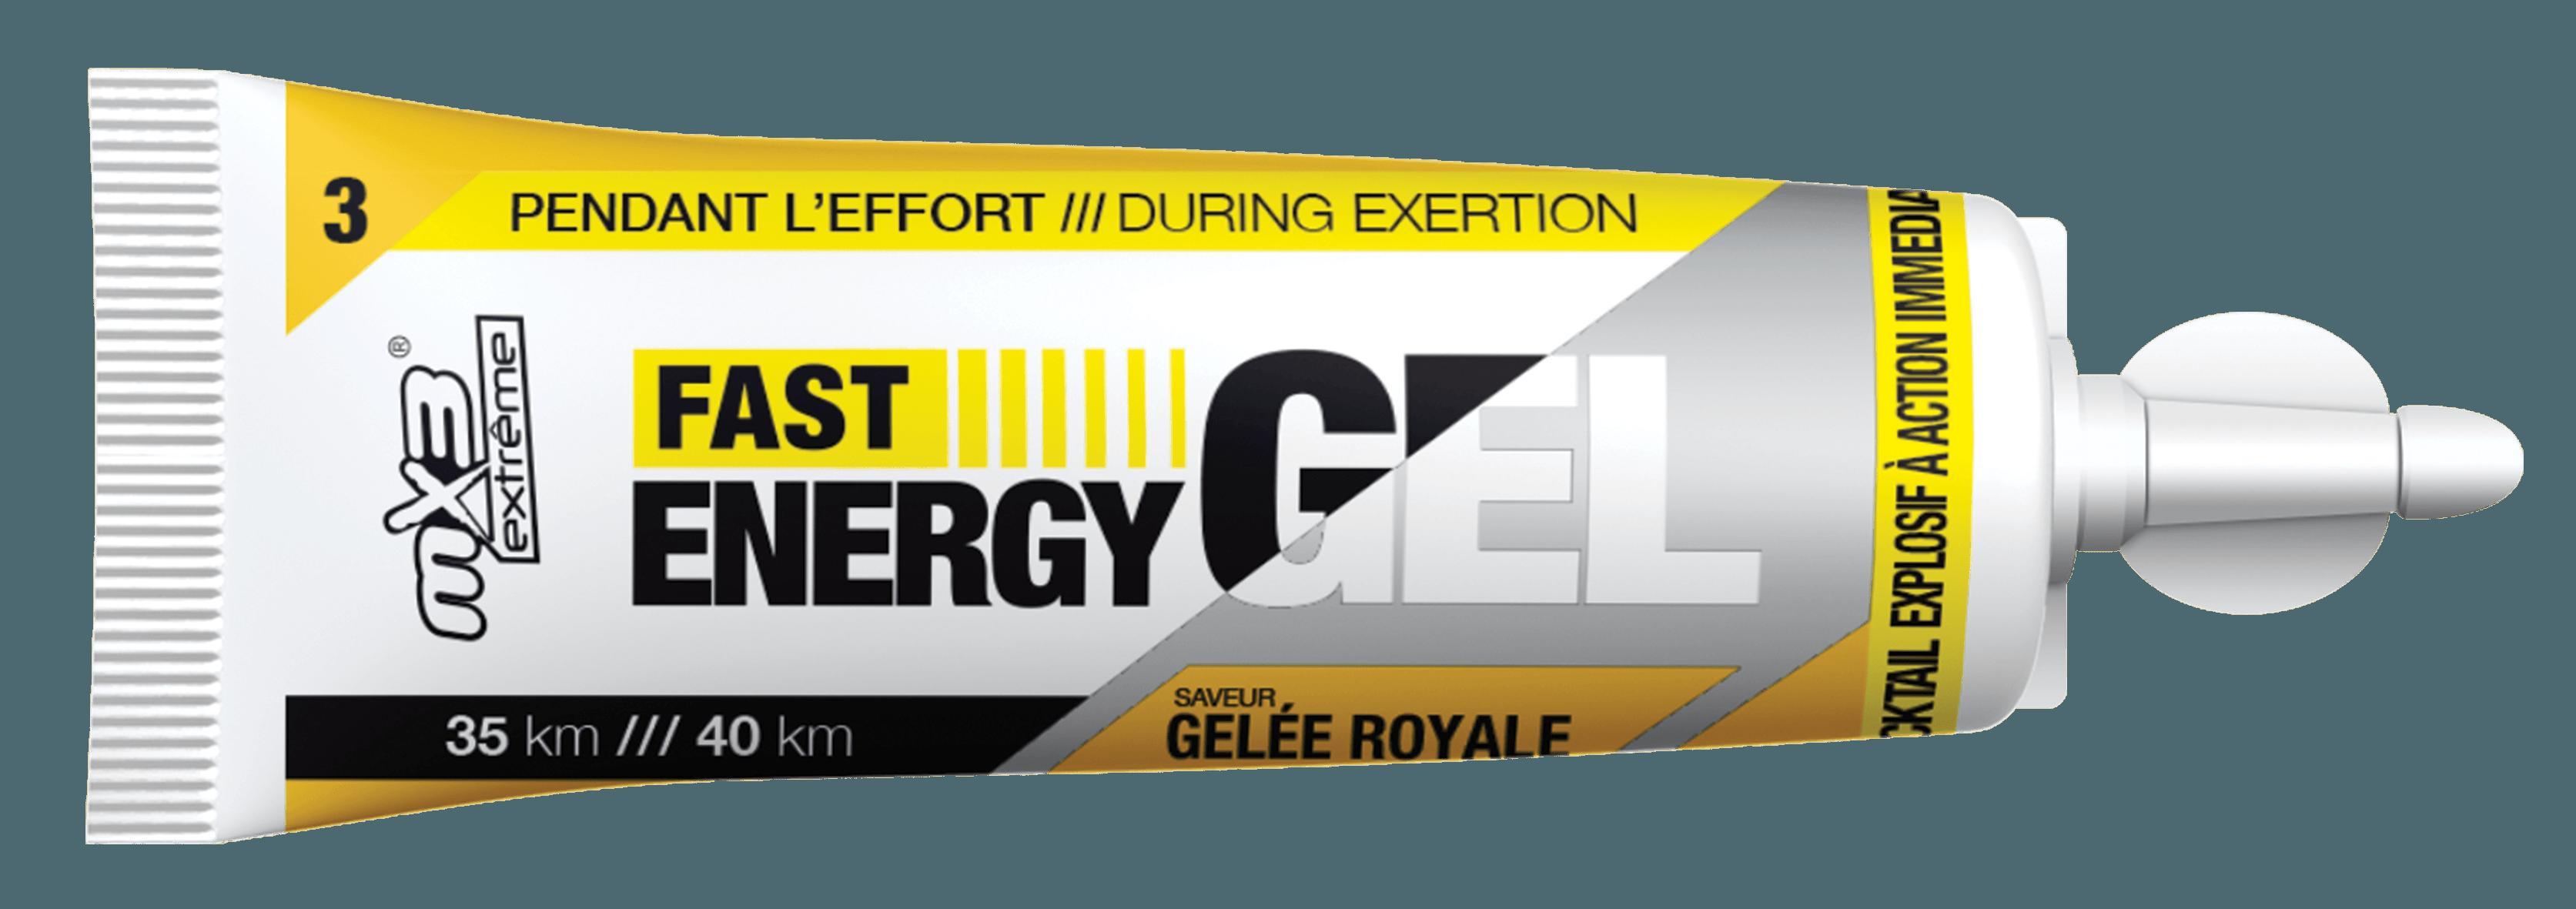 Gel Fast energy